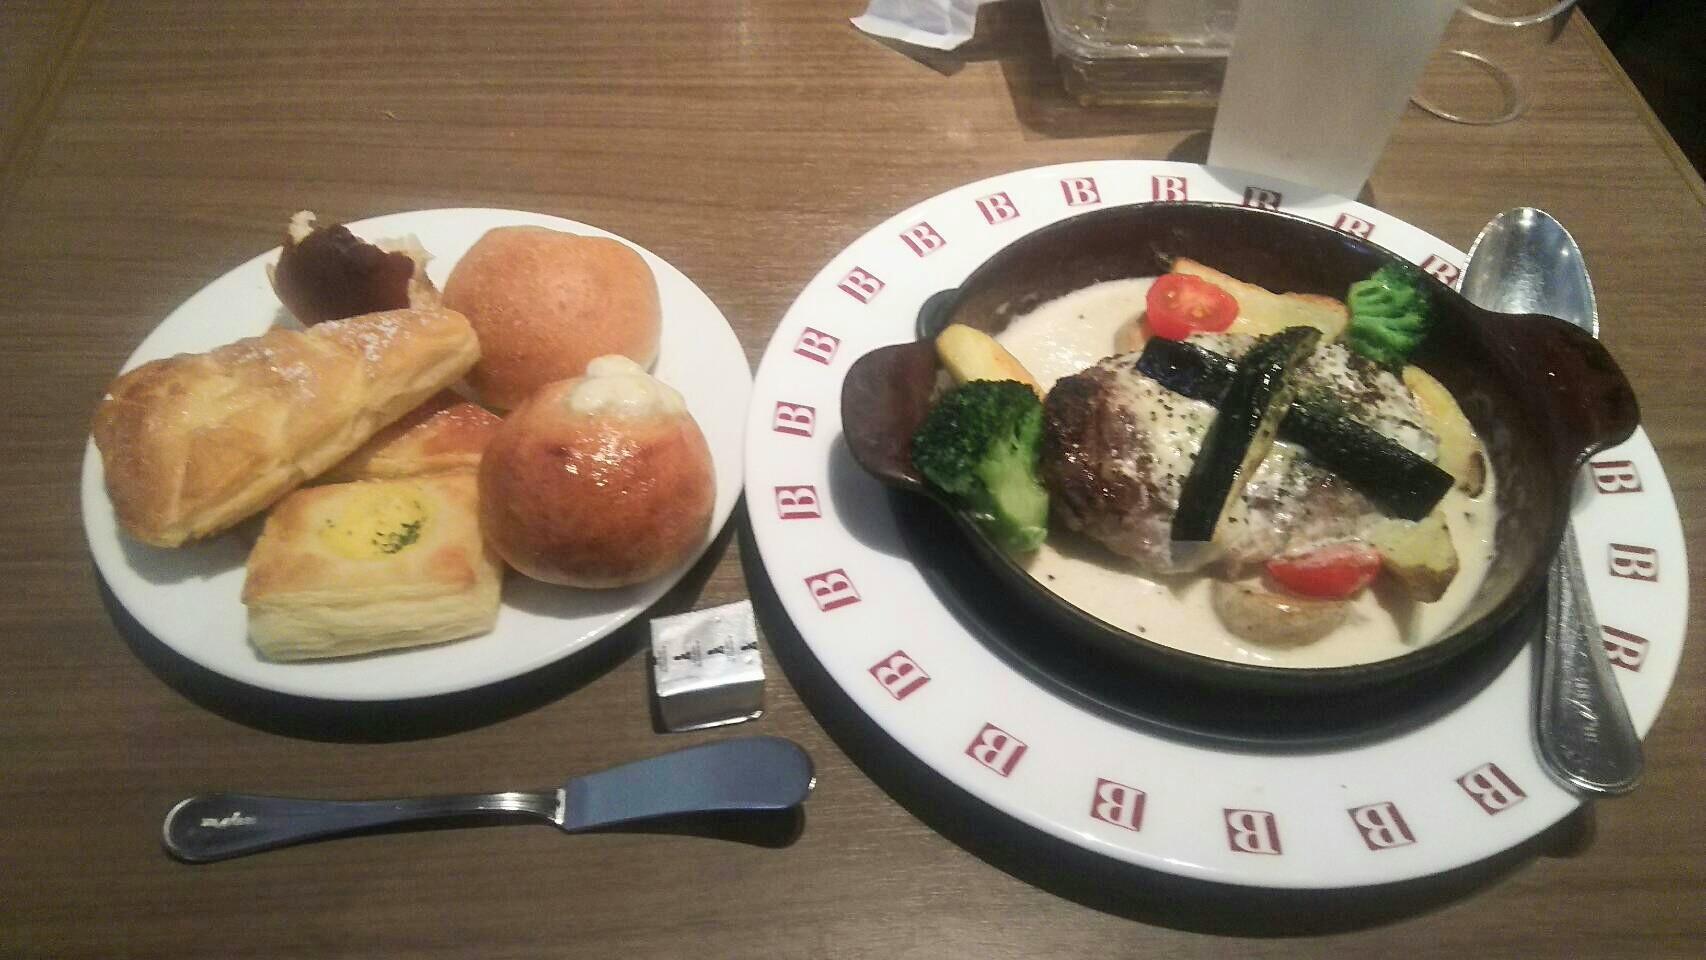 愛媛県伊予市エミフル松前ハンバーグ食べ放題ランチグルメ松山人気